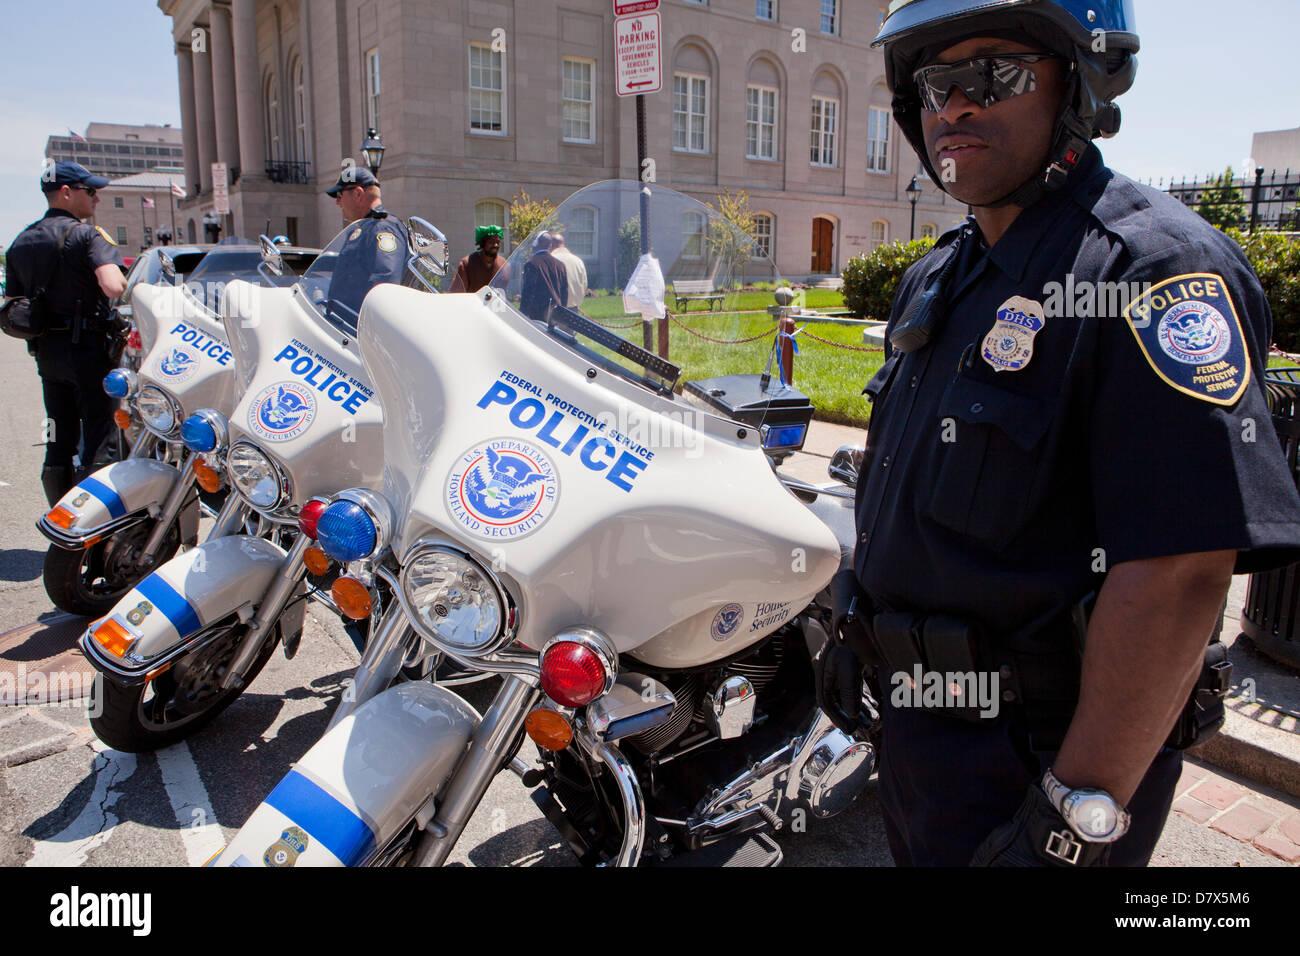 US Department of Homeland Security Protezione federale Service funzionario di polizia in piedi accanto al servizio Immagini Stock